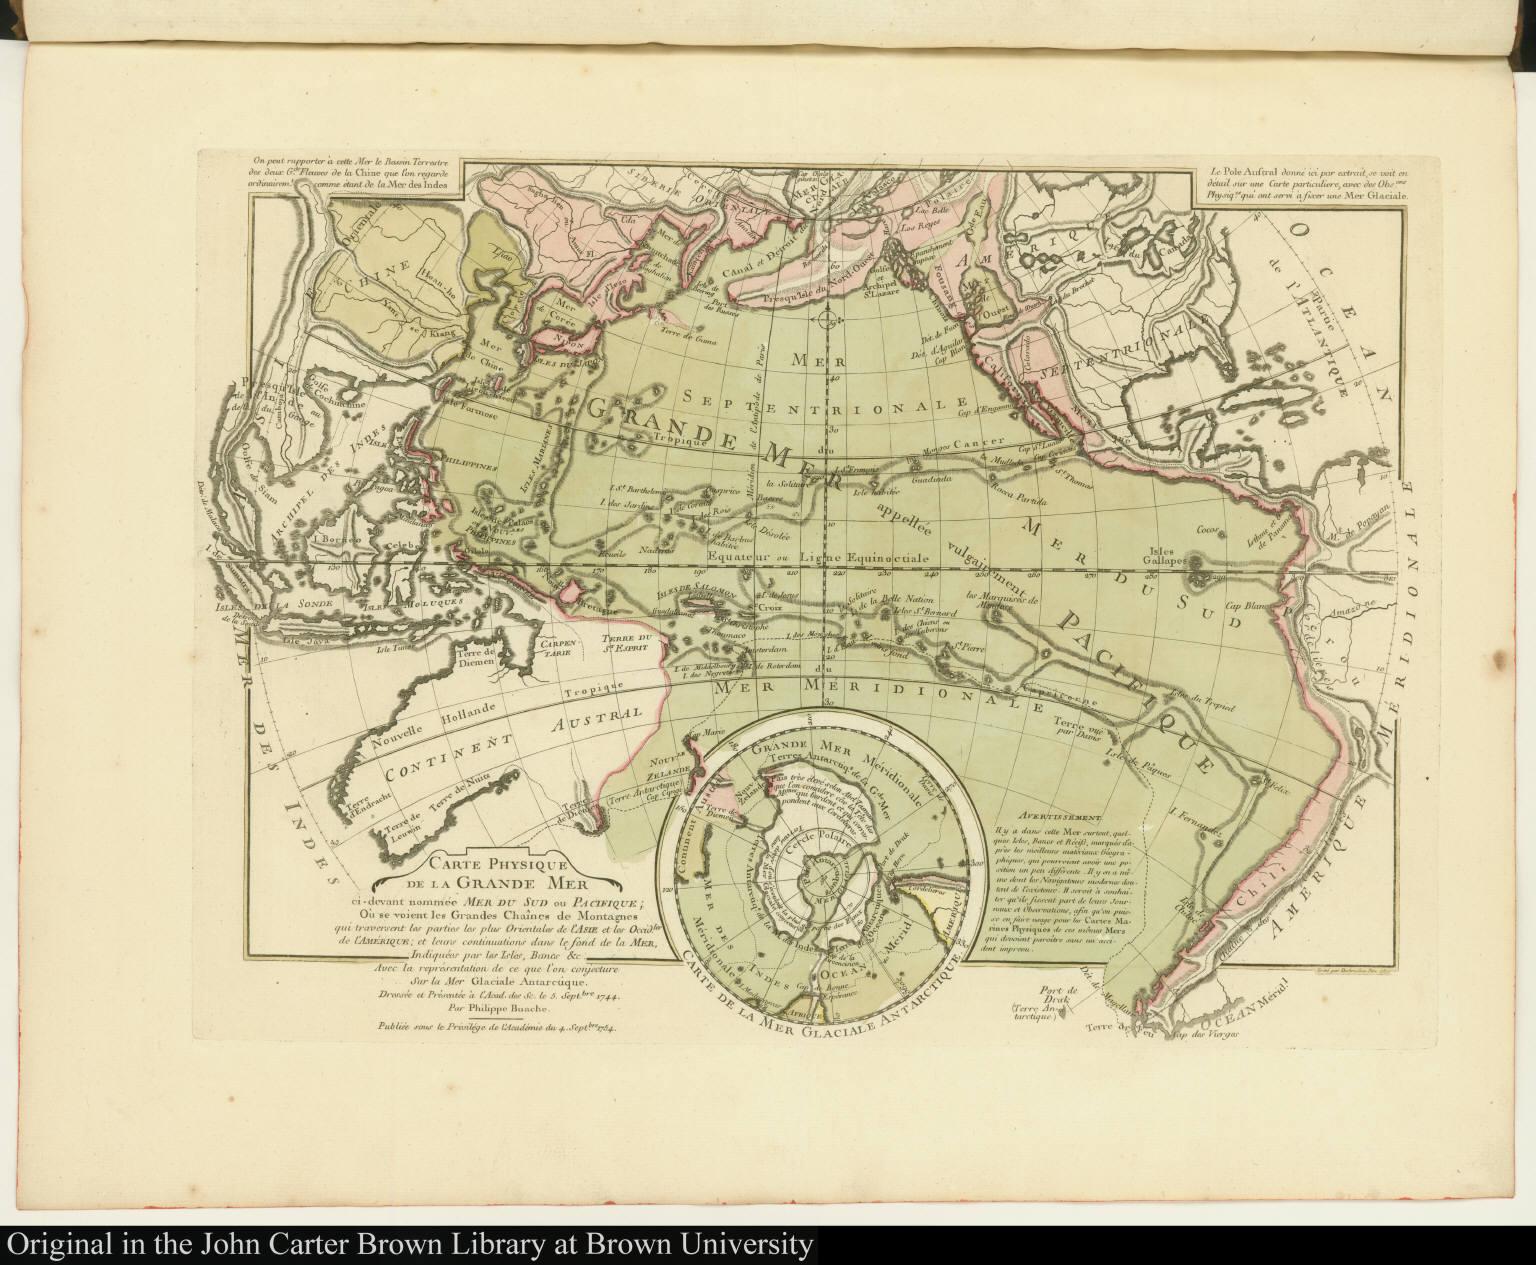 Carte Physique de la Grande Mer ci-devant nommée Mer du Sud ou Pacifique ...